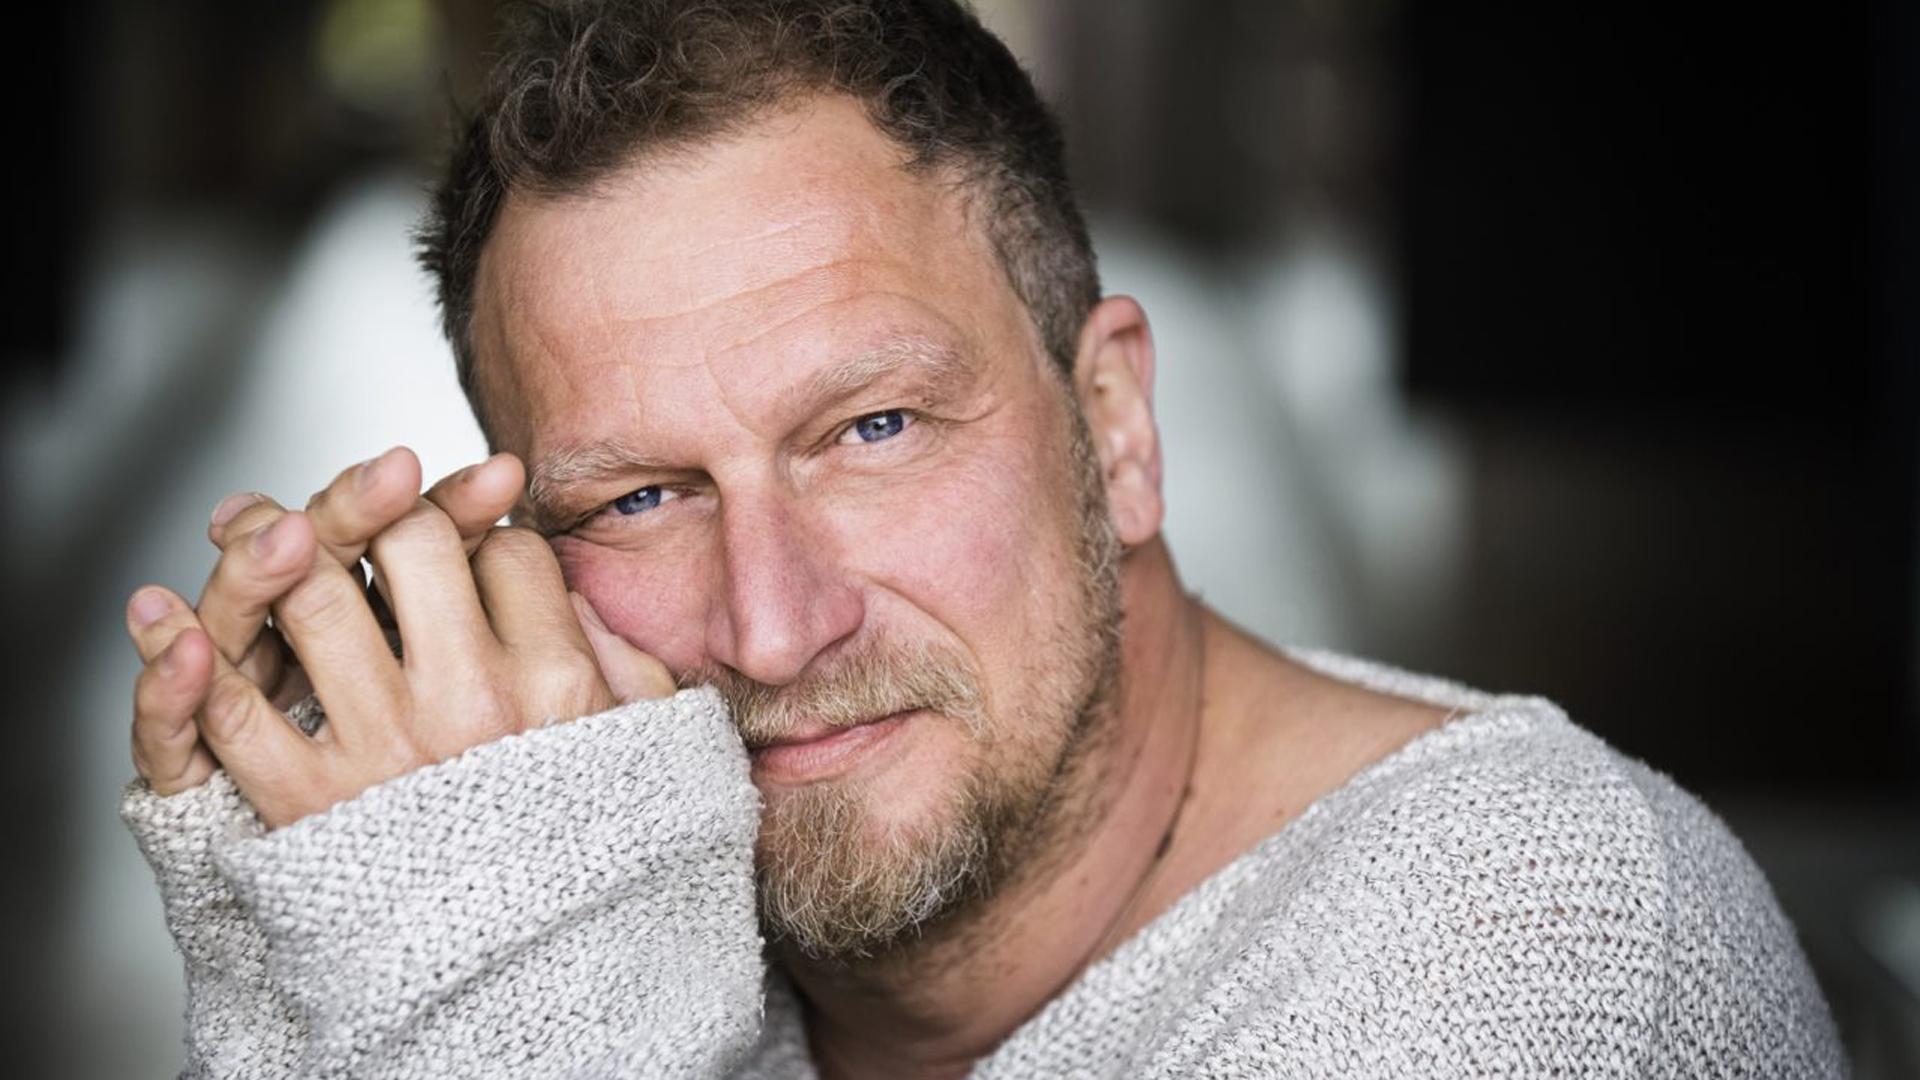 GRD-Delfinbotschafter Matthias Komm, TV- und Theater-Schauspieler